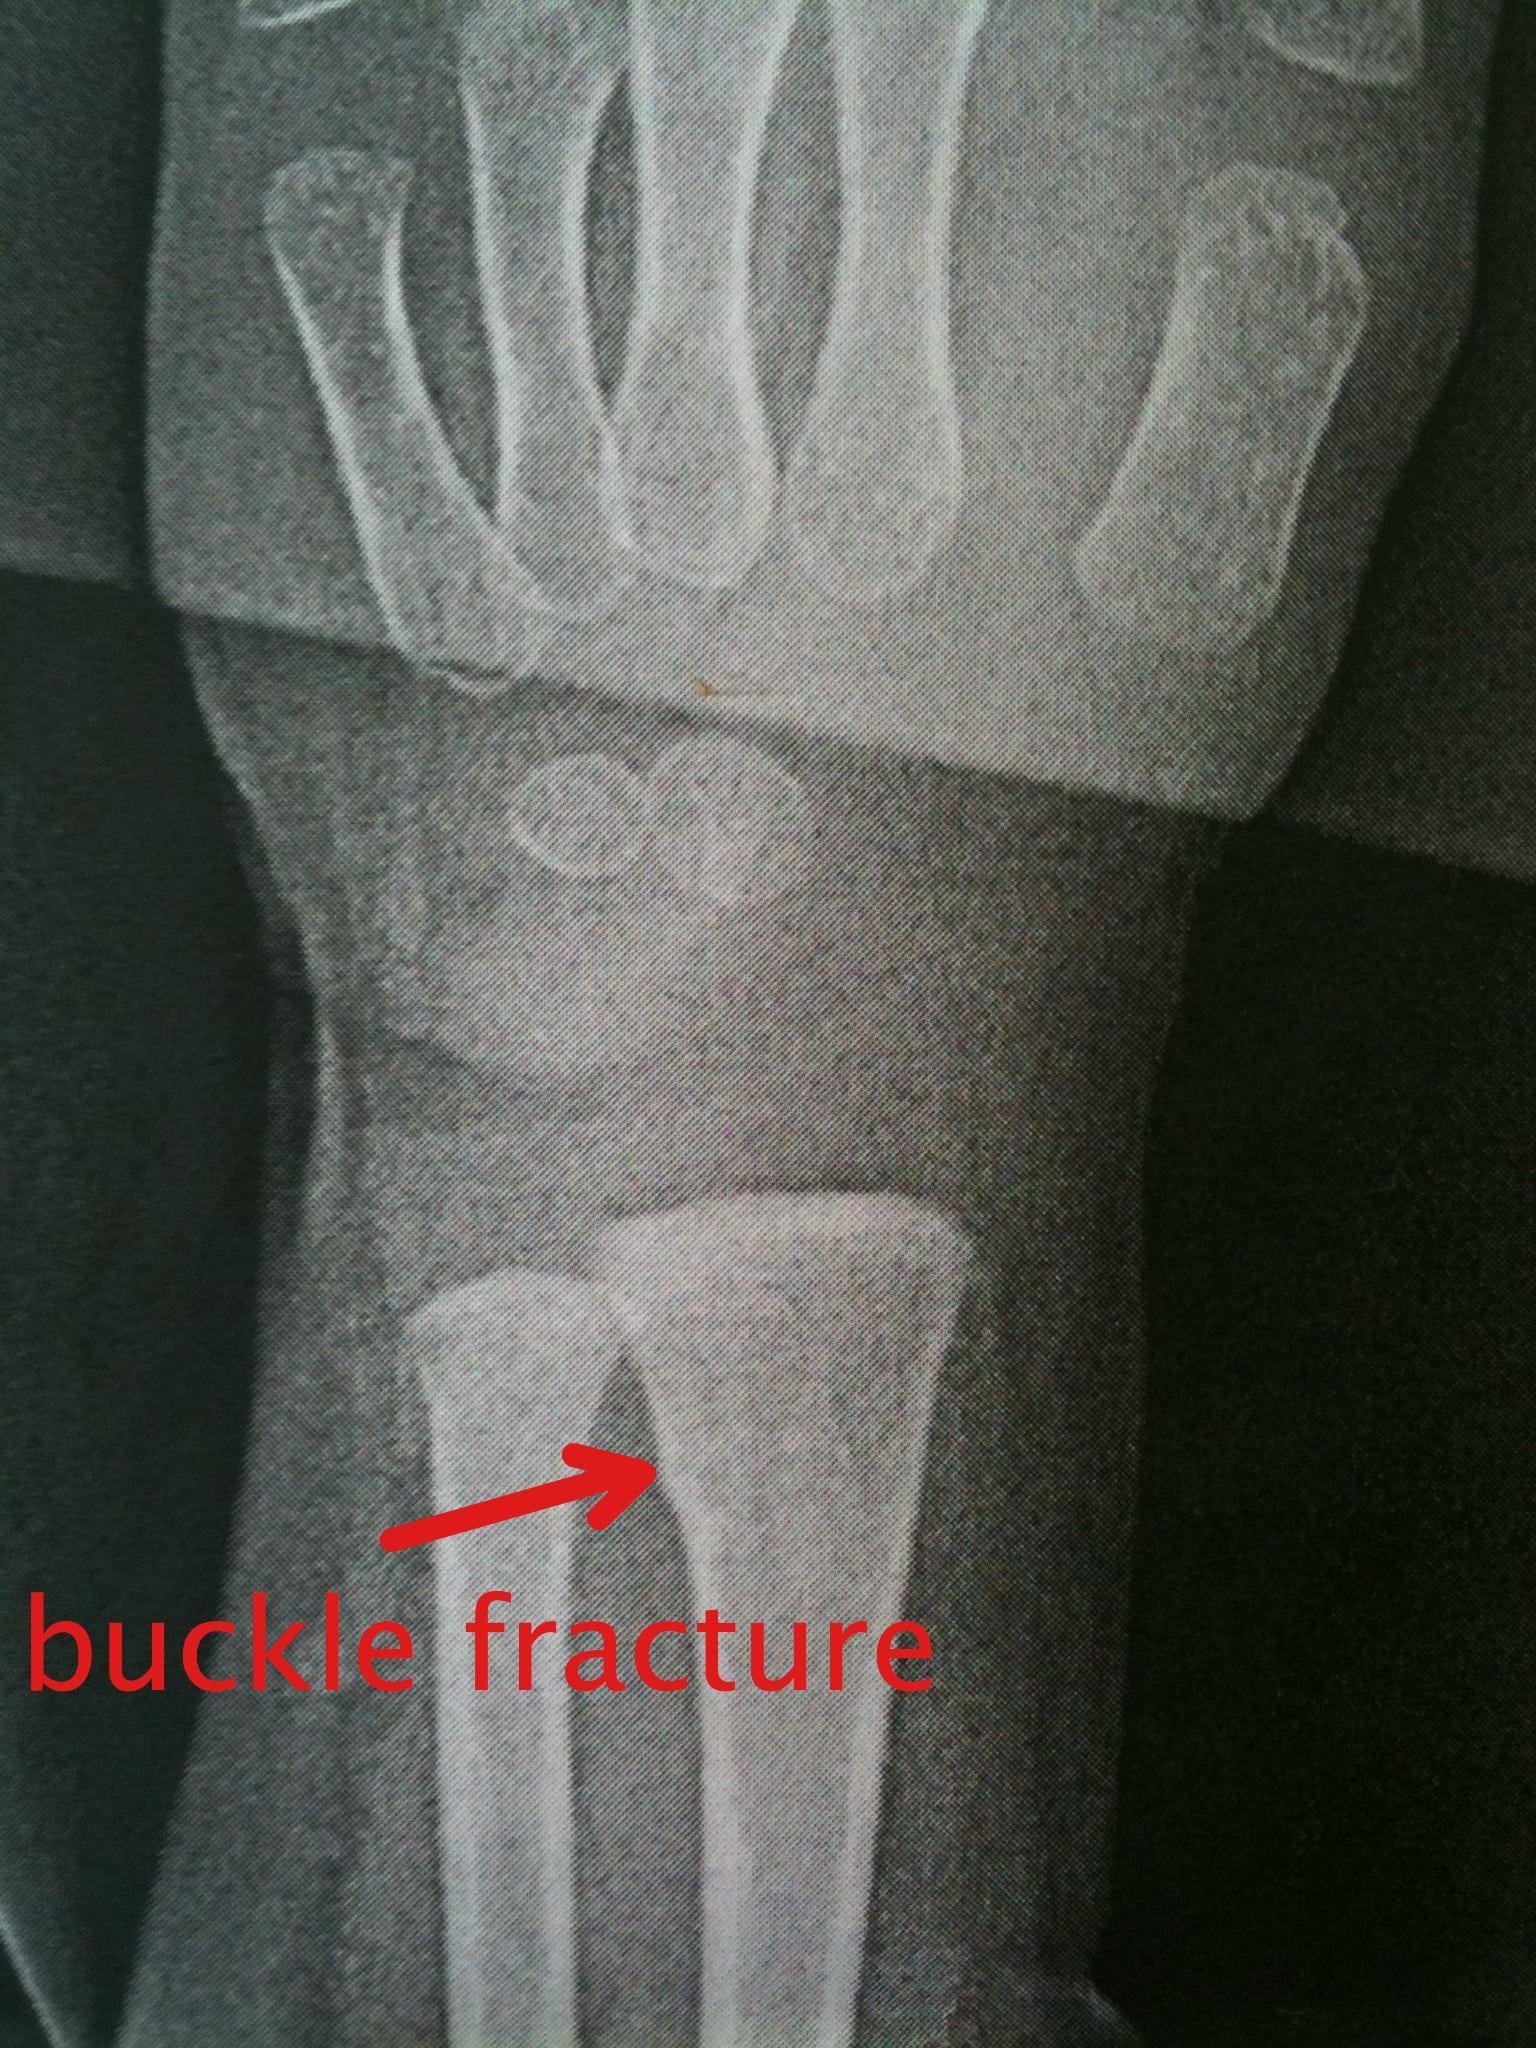 buckle fracture, broken wrist